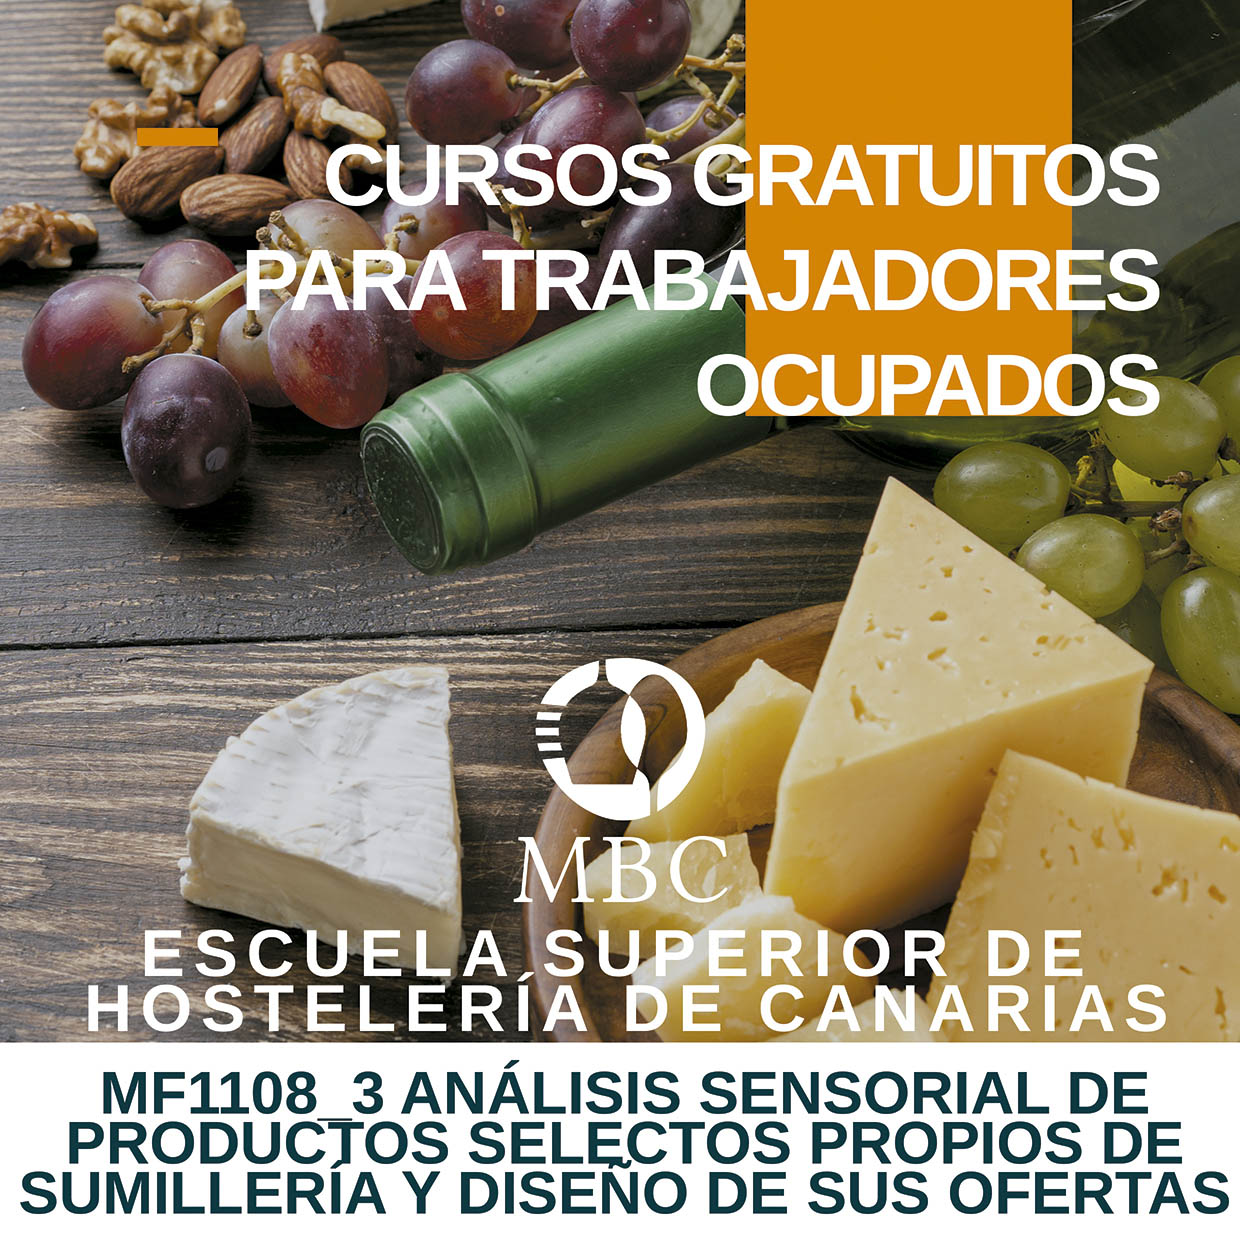 Curso de Análisis Sensorial de Productos Selectos propios de Sumillería y diseño de sus ofertas, organizado por la Escuela de Hostelería de Canarias, 2 de marzo de 2020